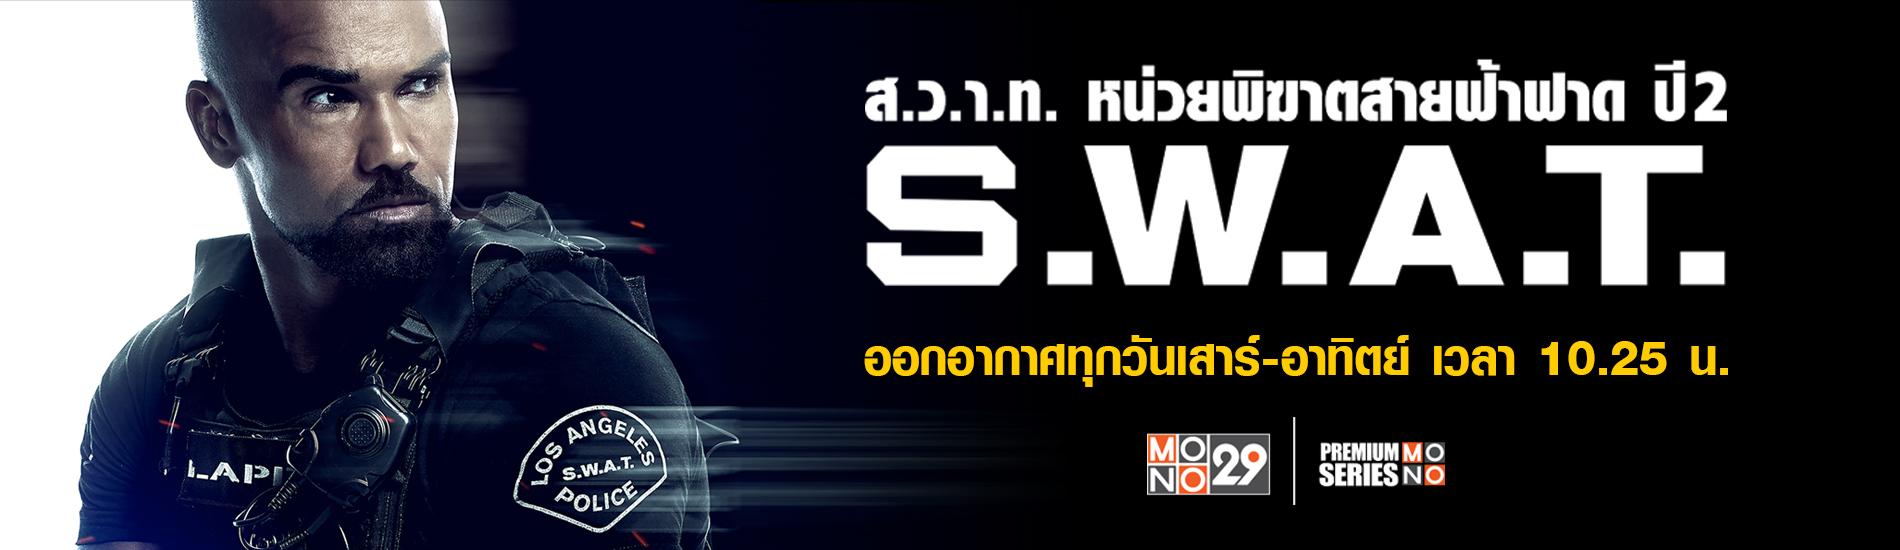 S.W.A.T. ส.ว.า.ท. หน่วยพิฆาตสายฟ้าฟาด ปี 2